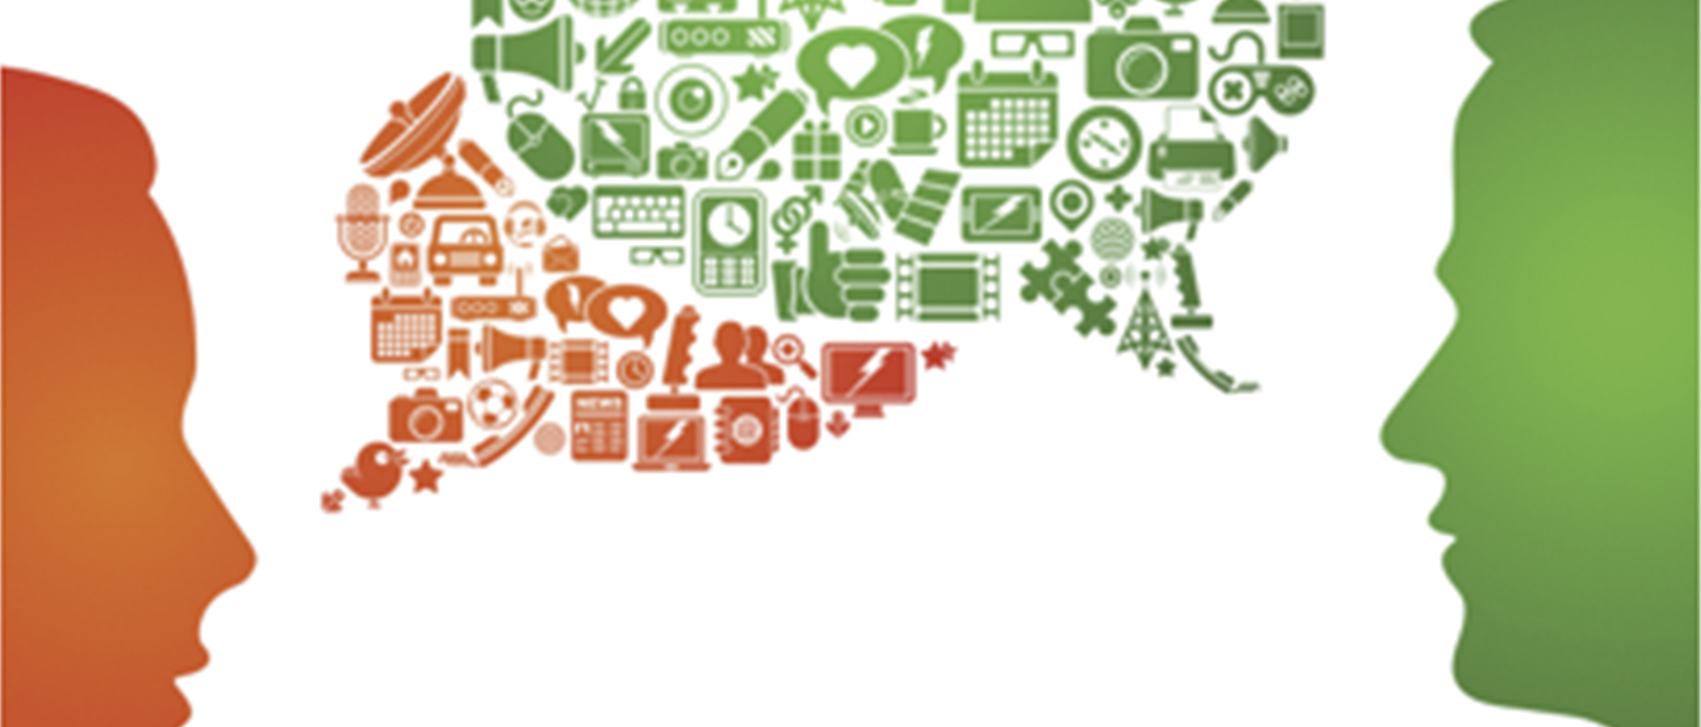 ¿Qué hace del marketing de contenidos algo tan importante?